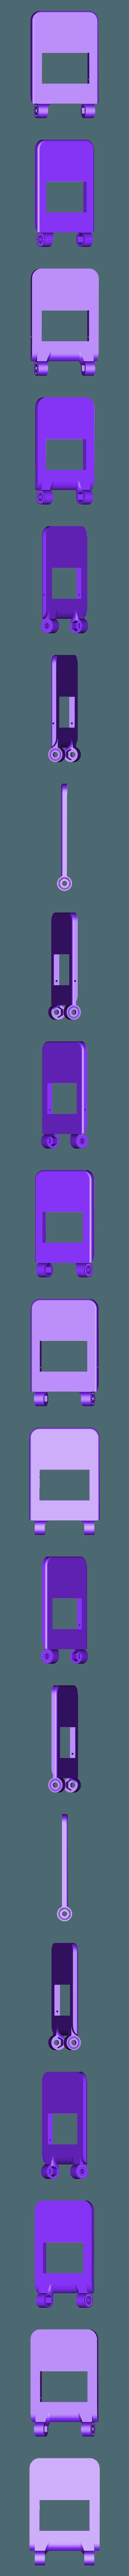 Adjustable Phone Cradle - Upright.stl Télécharger fichier STL gratuit Téléphone / Interrupteur / Petit berceau de tablette • Design pour impression 3D, ScubaScott